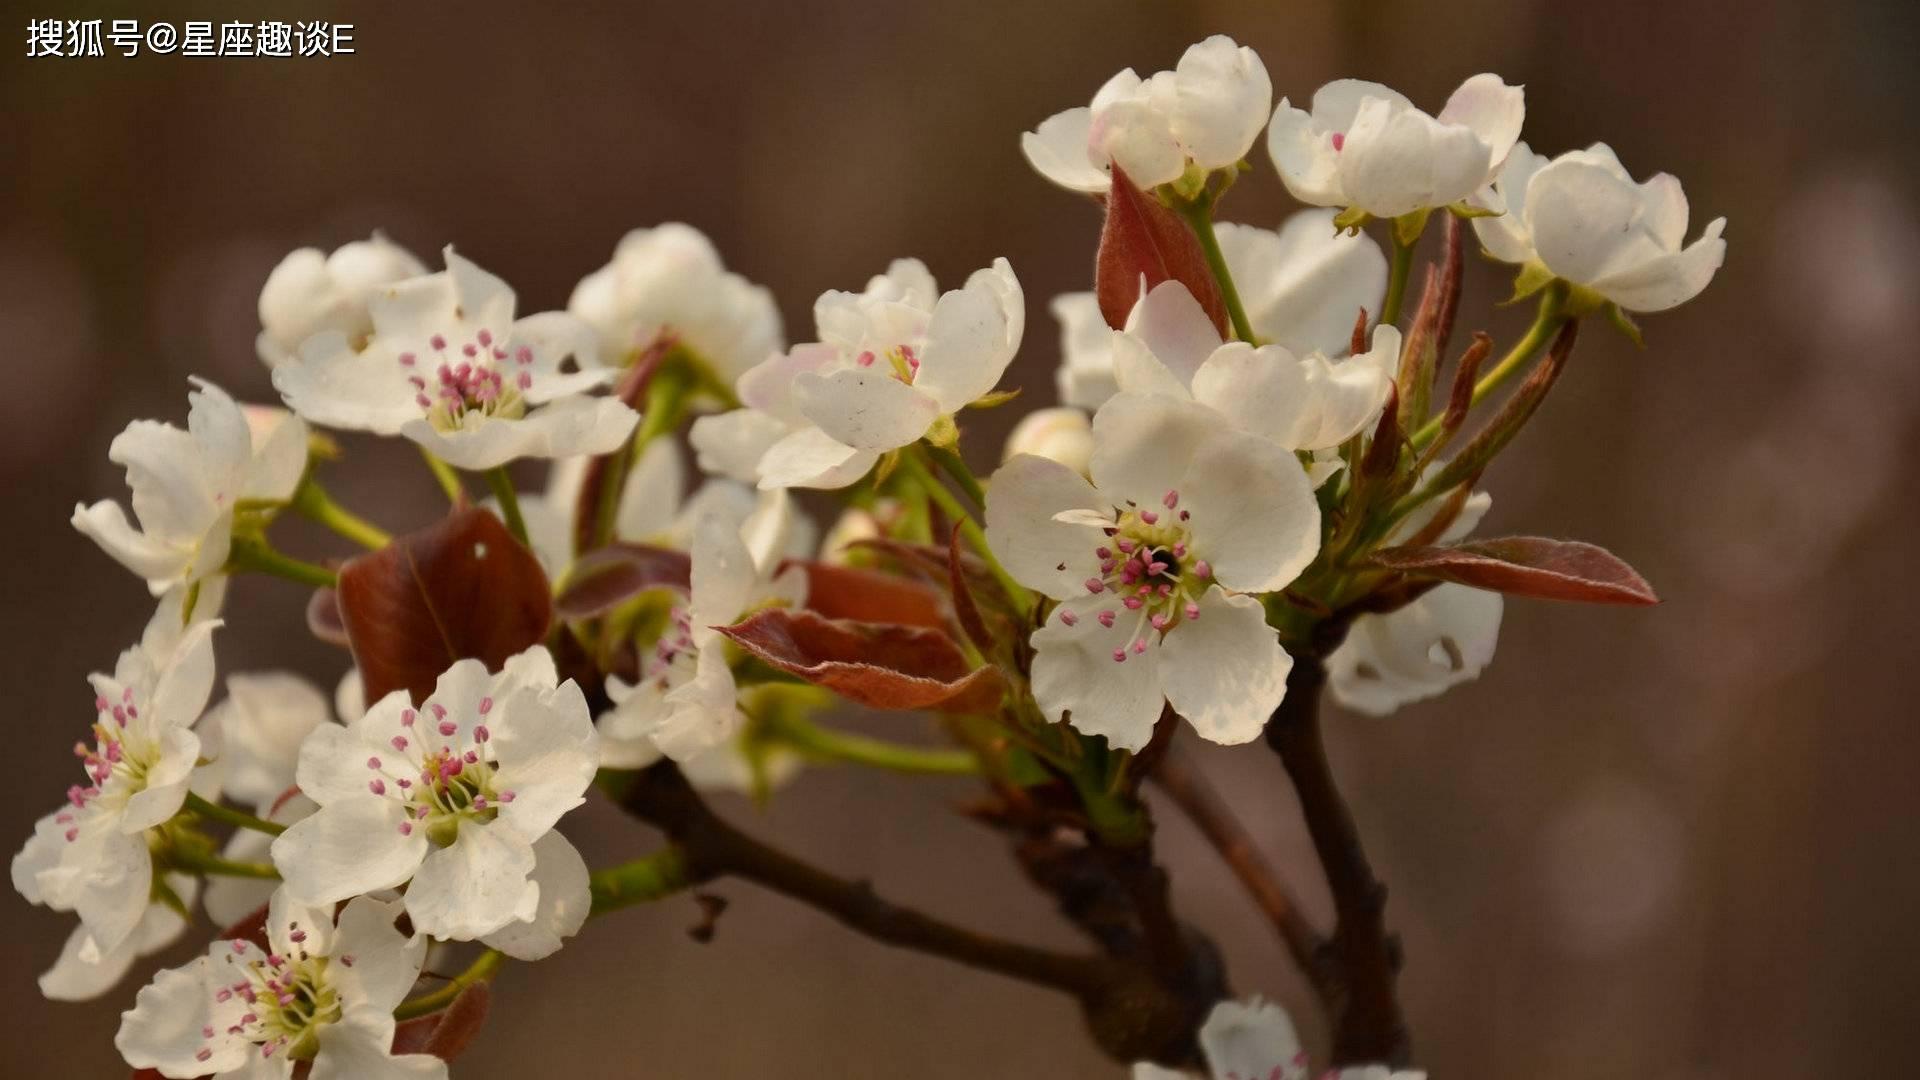 4月4日爱情运势:琴瑟和鸣,永结同心的四大星座  第3张